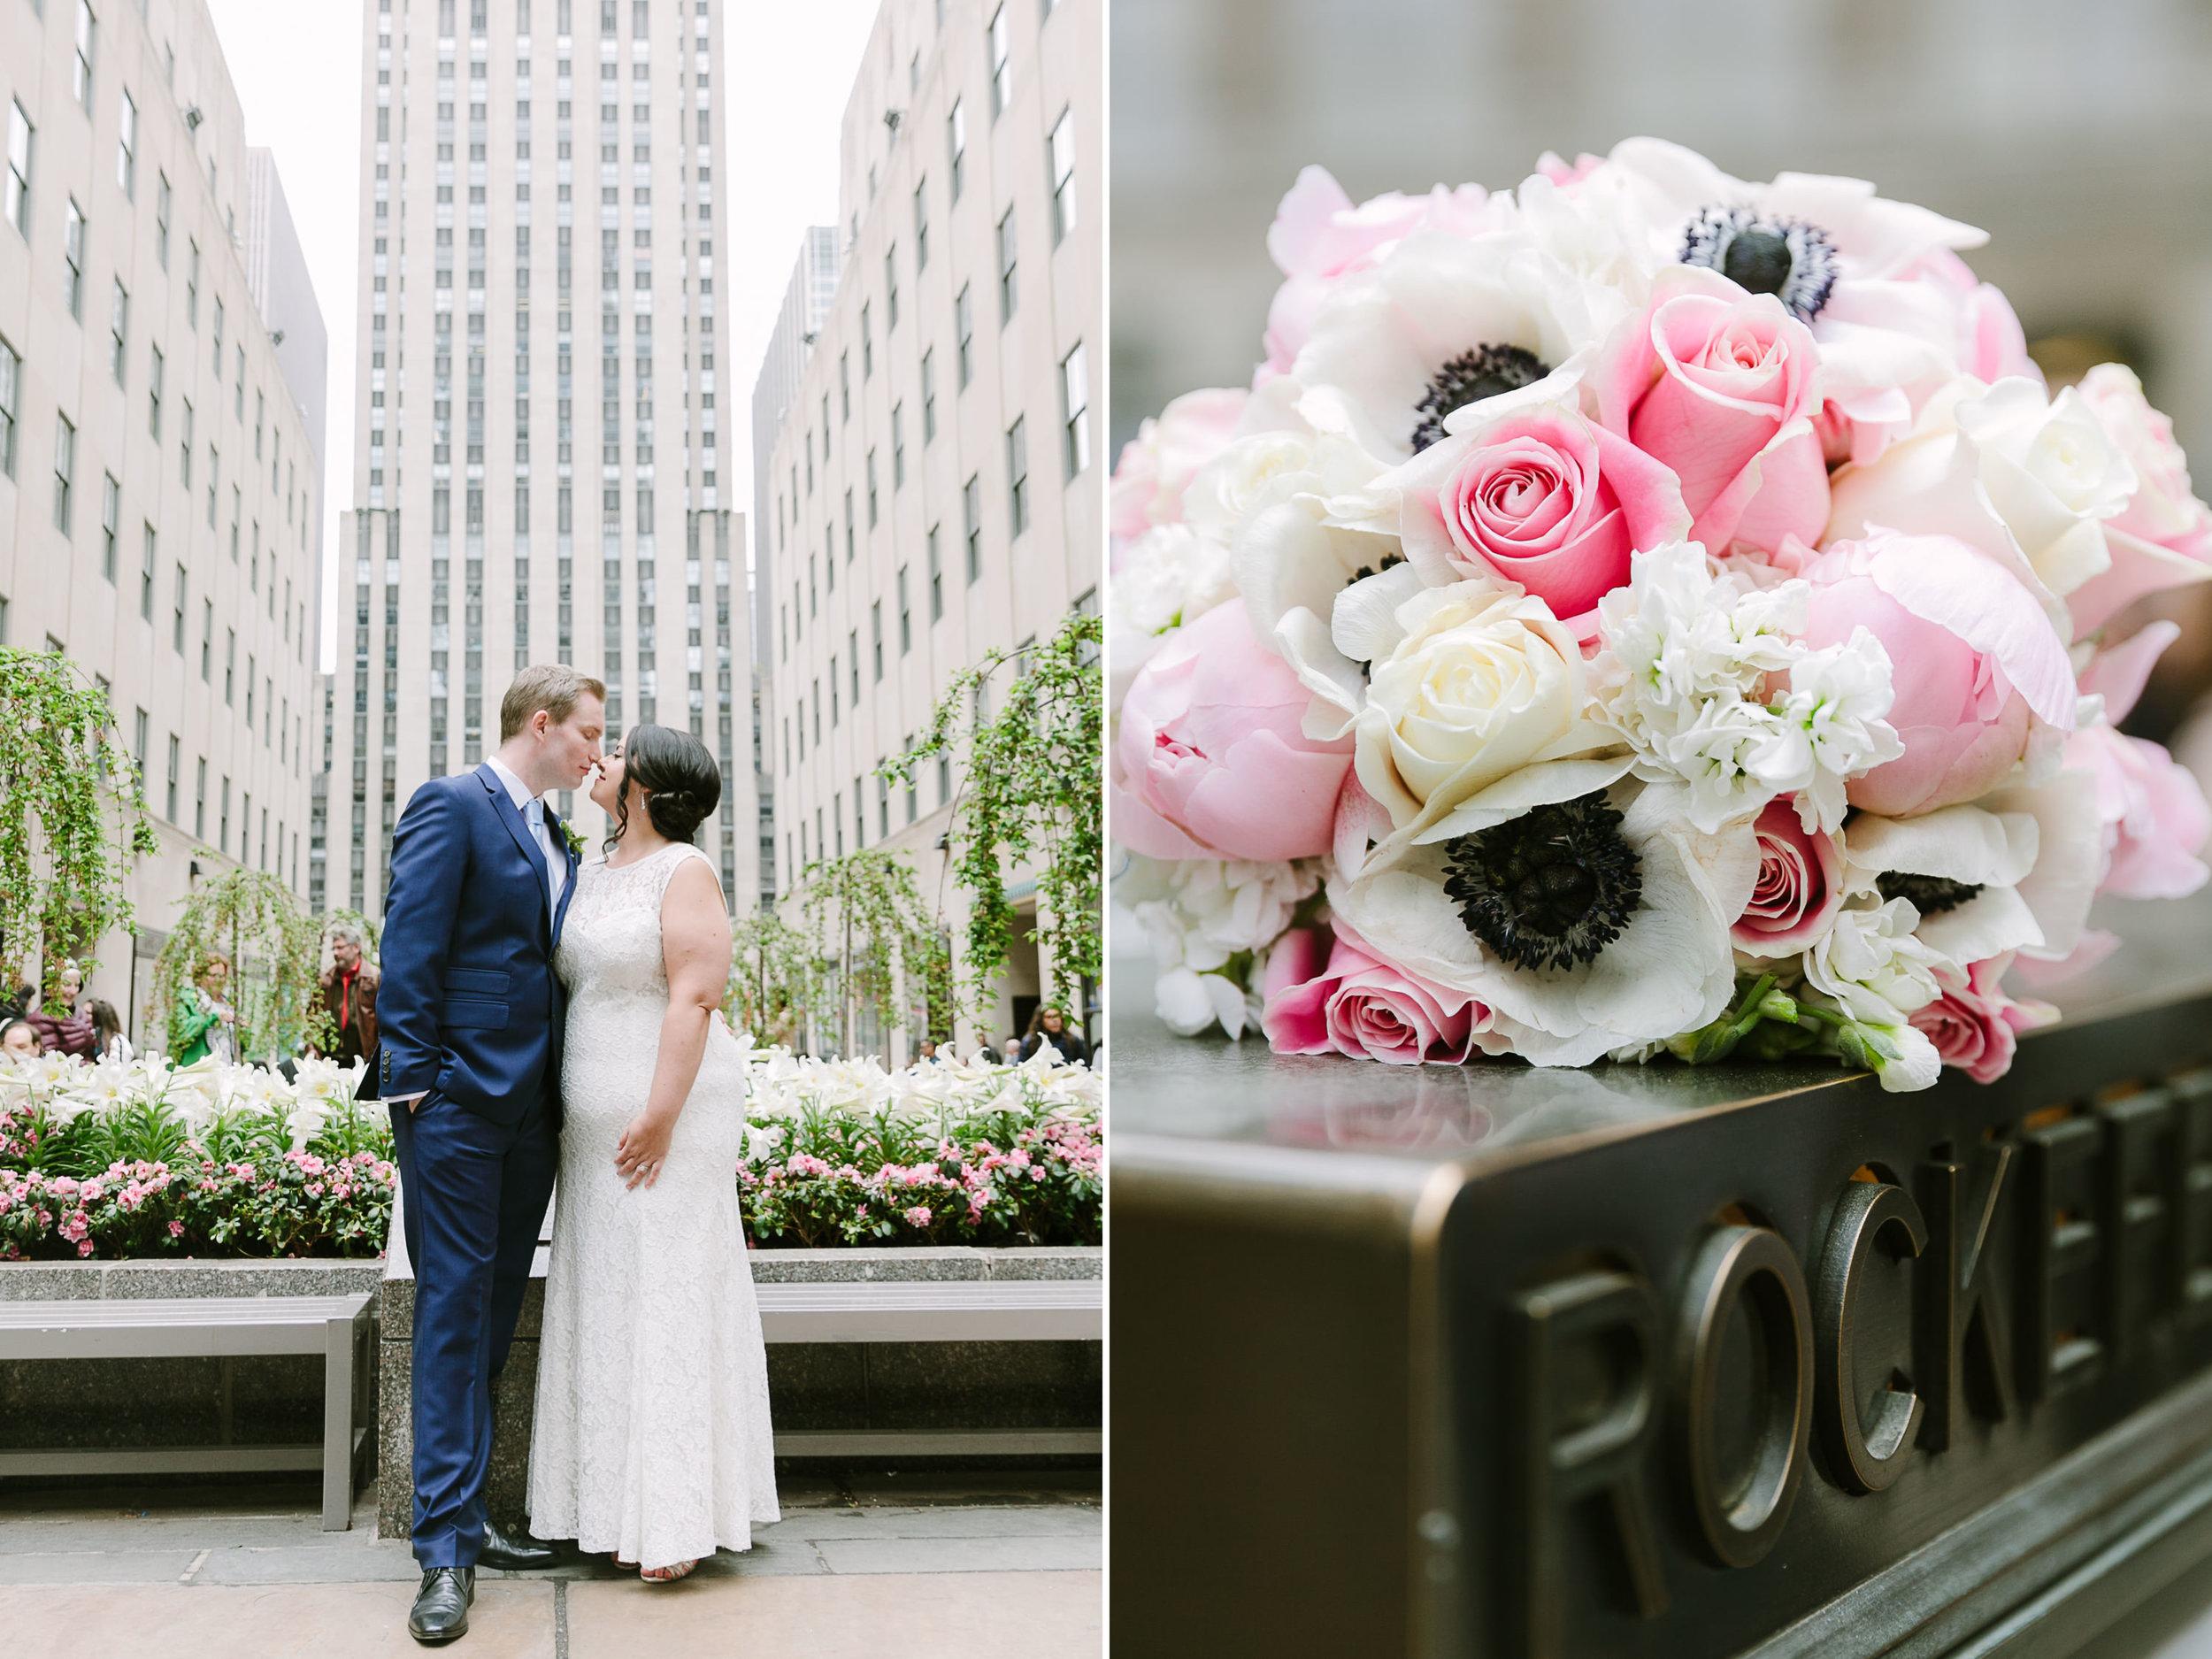 620-Loft&Garden-wedding-J&A-17.jpg